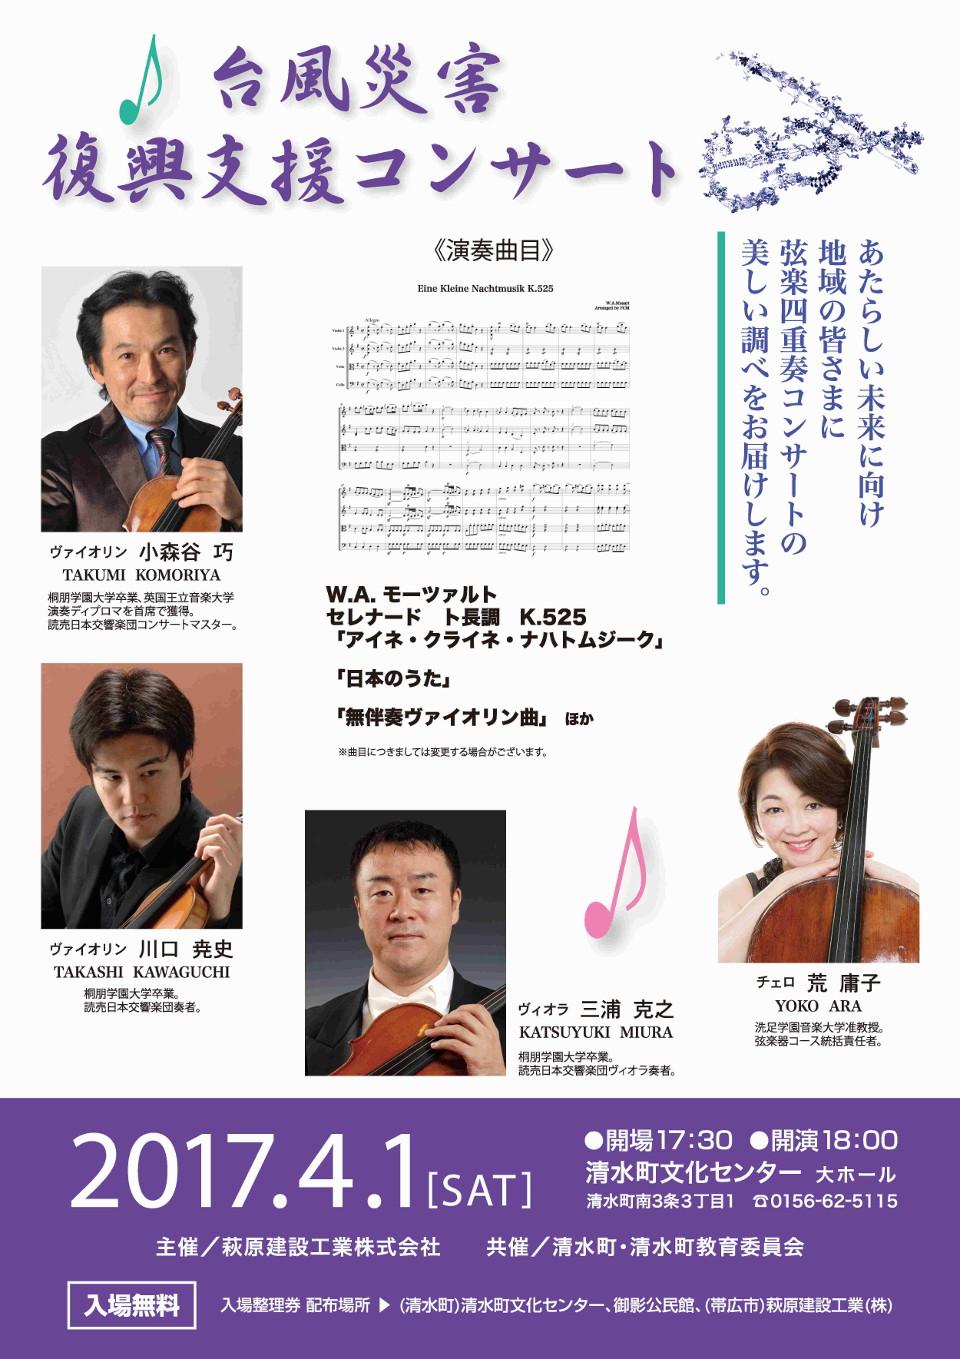 清水復興支援コンサート